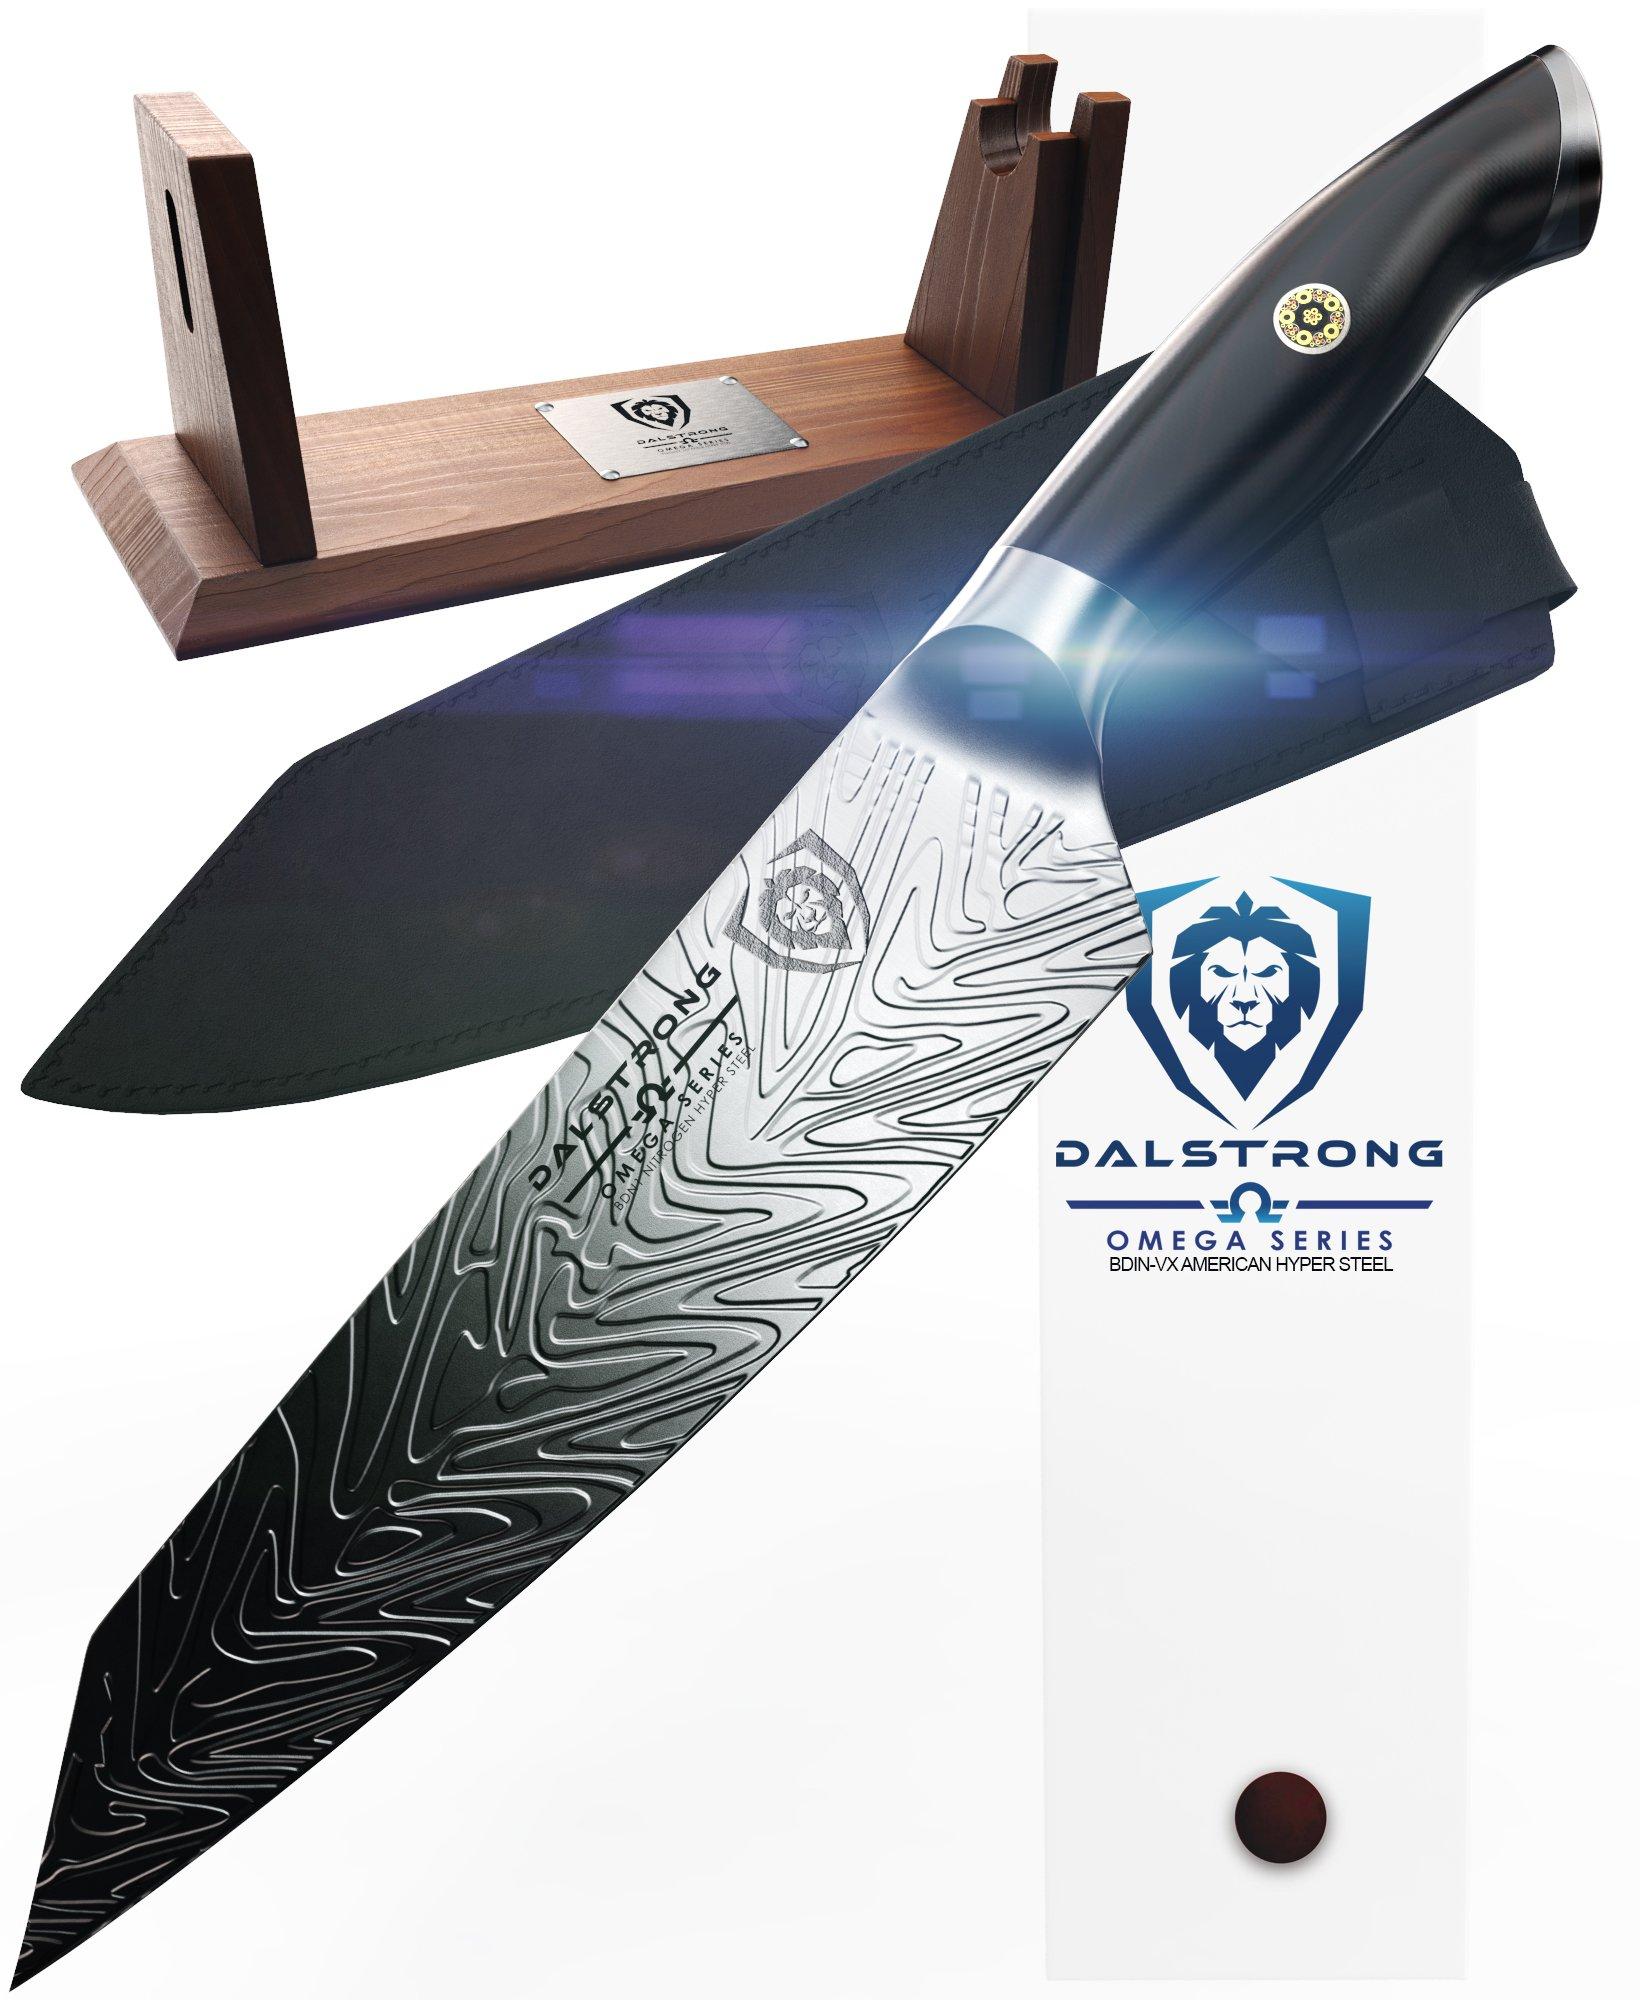 Dalstrong Inc. - Omega Series - BD1N-V - Hyper Steel - w/Sheath (8.5'' Kiritsuke-Chef Knife)